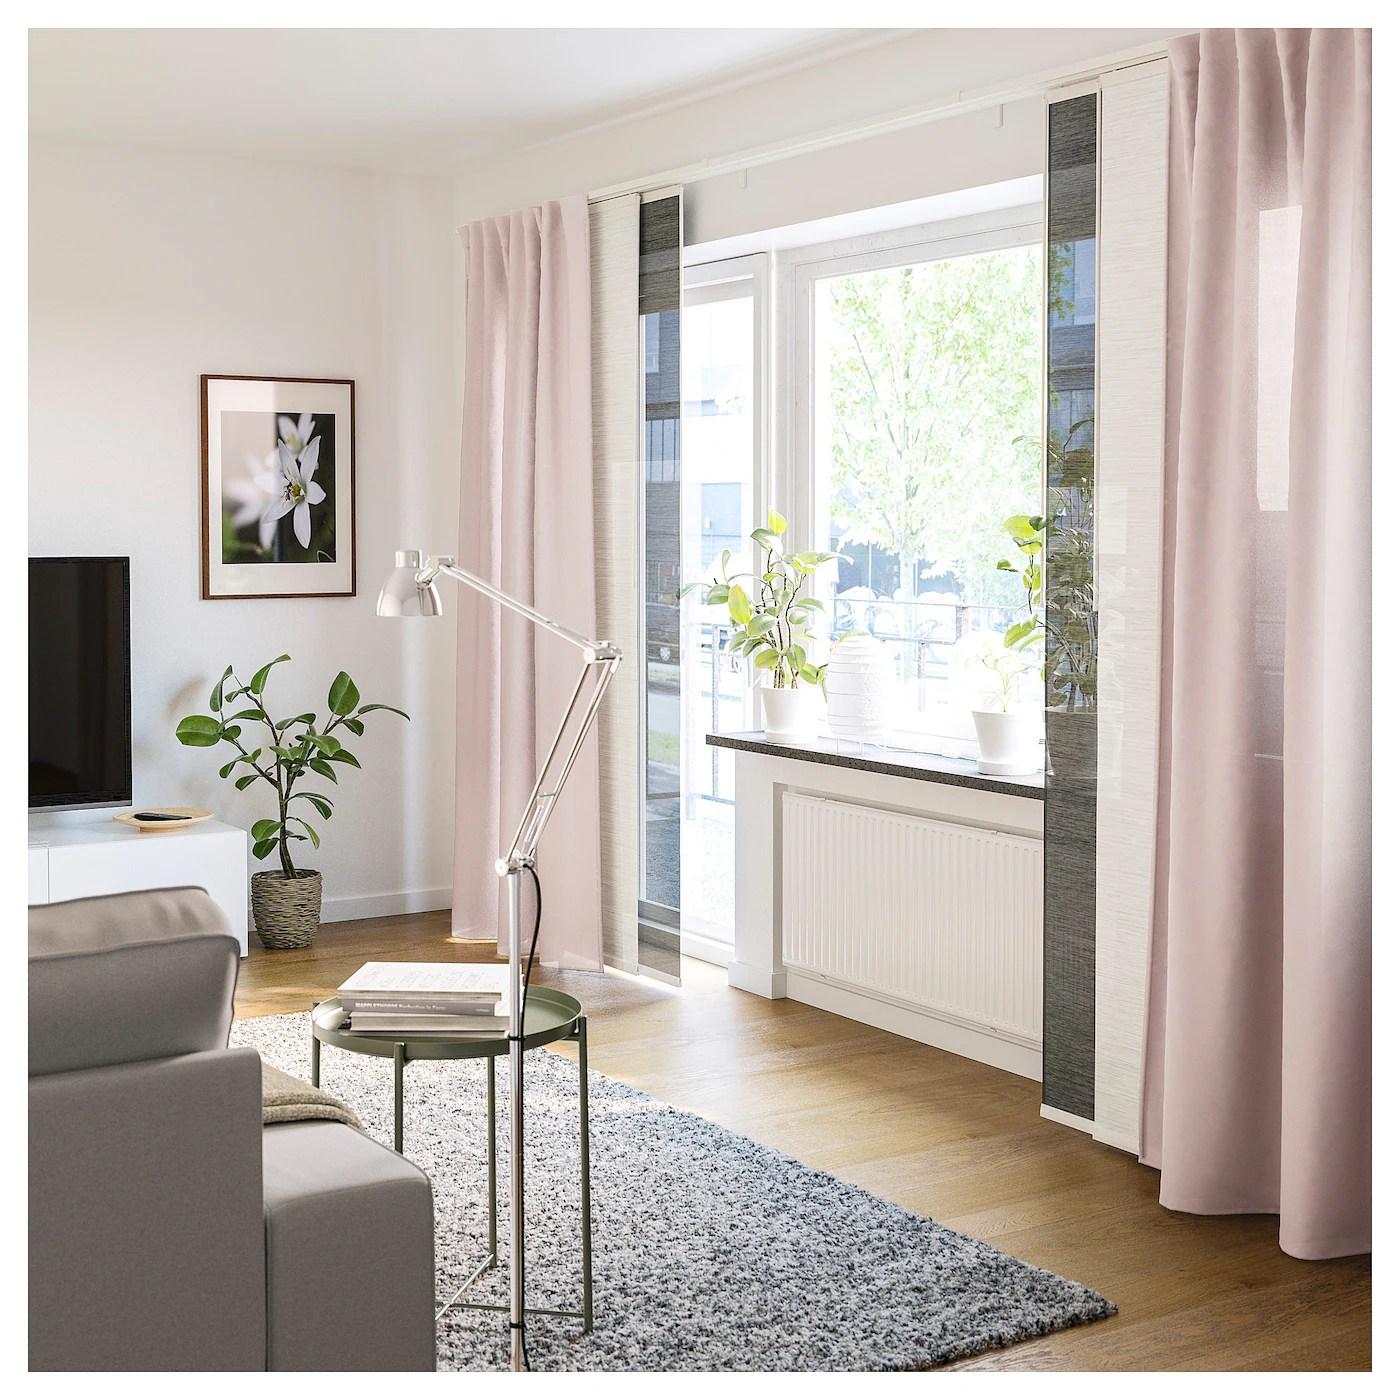 Ideali per arredare un soggiorno moderno, le tende a pannello ikea del modello lillerod, impreziosite da figure geometriche a forma di. Fonsterviva Tenda A Pannello Blu Grigio 60x300 Cm Ikea Svizzera